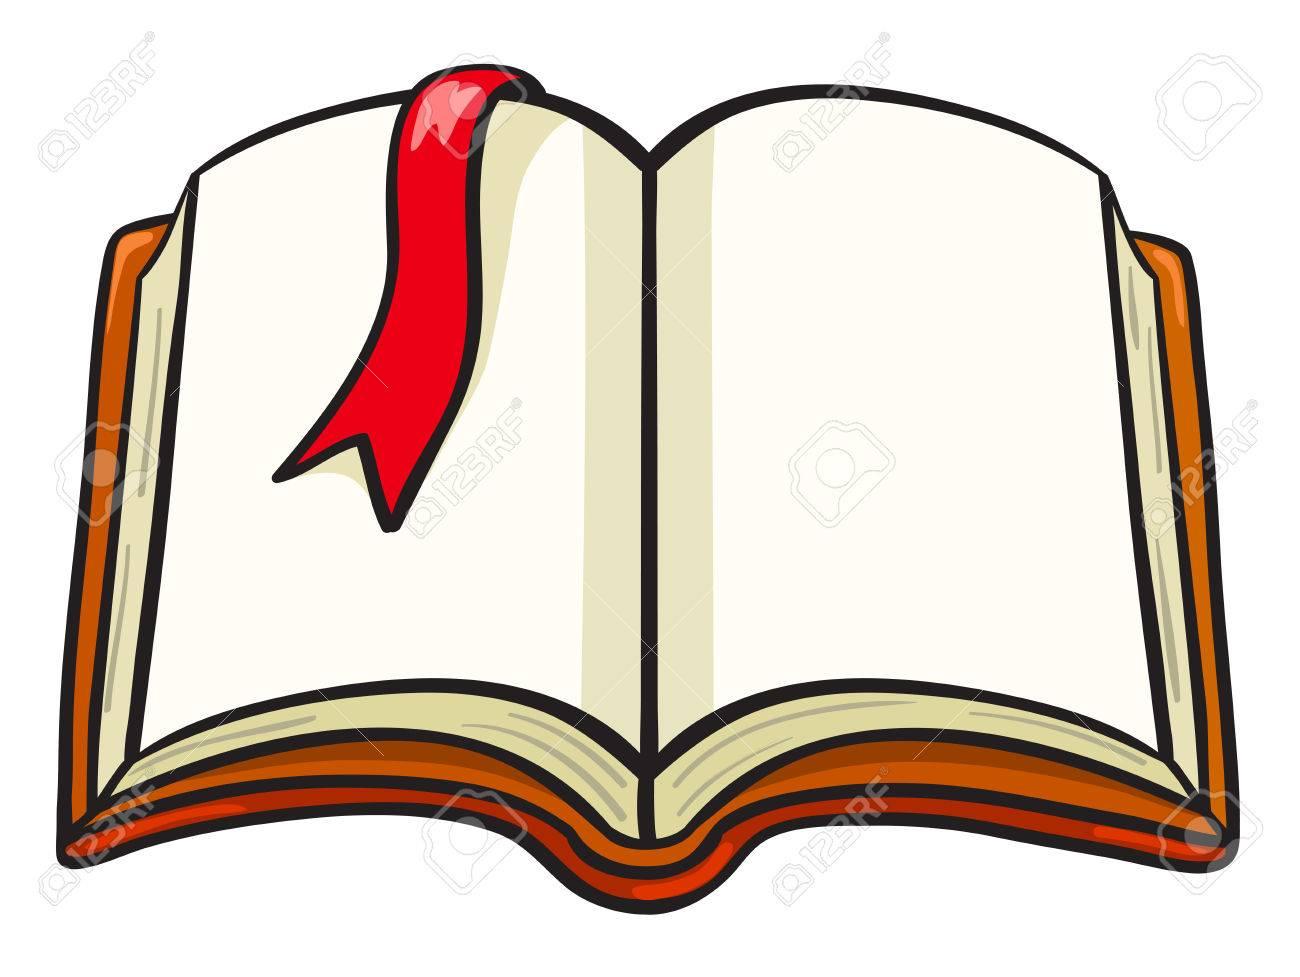 Livre De Dessin Anime Avec Un Signet Rouge